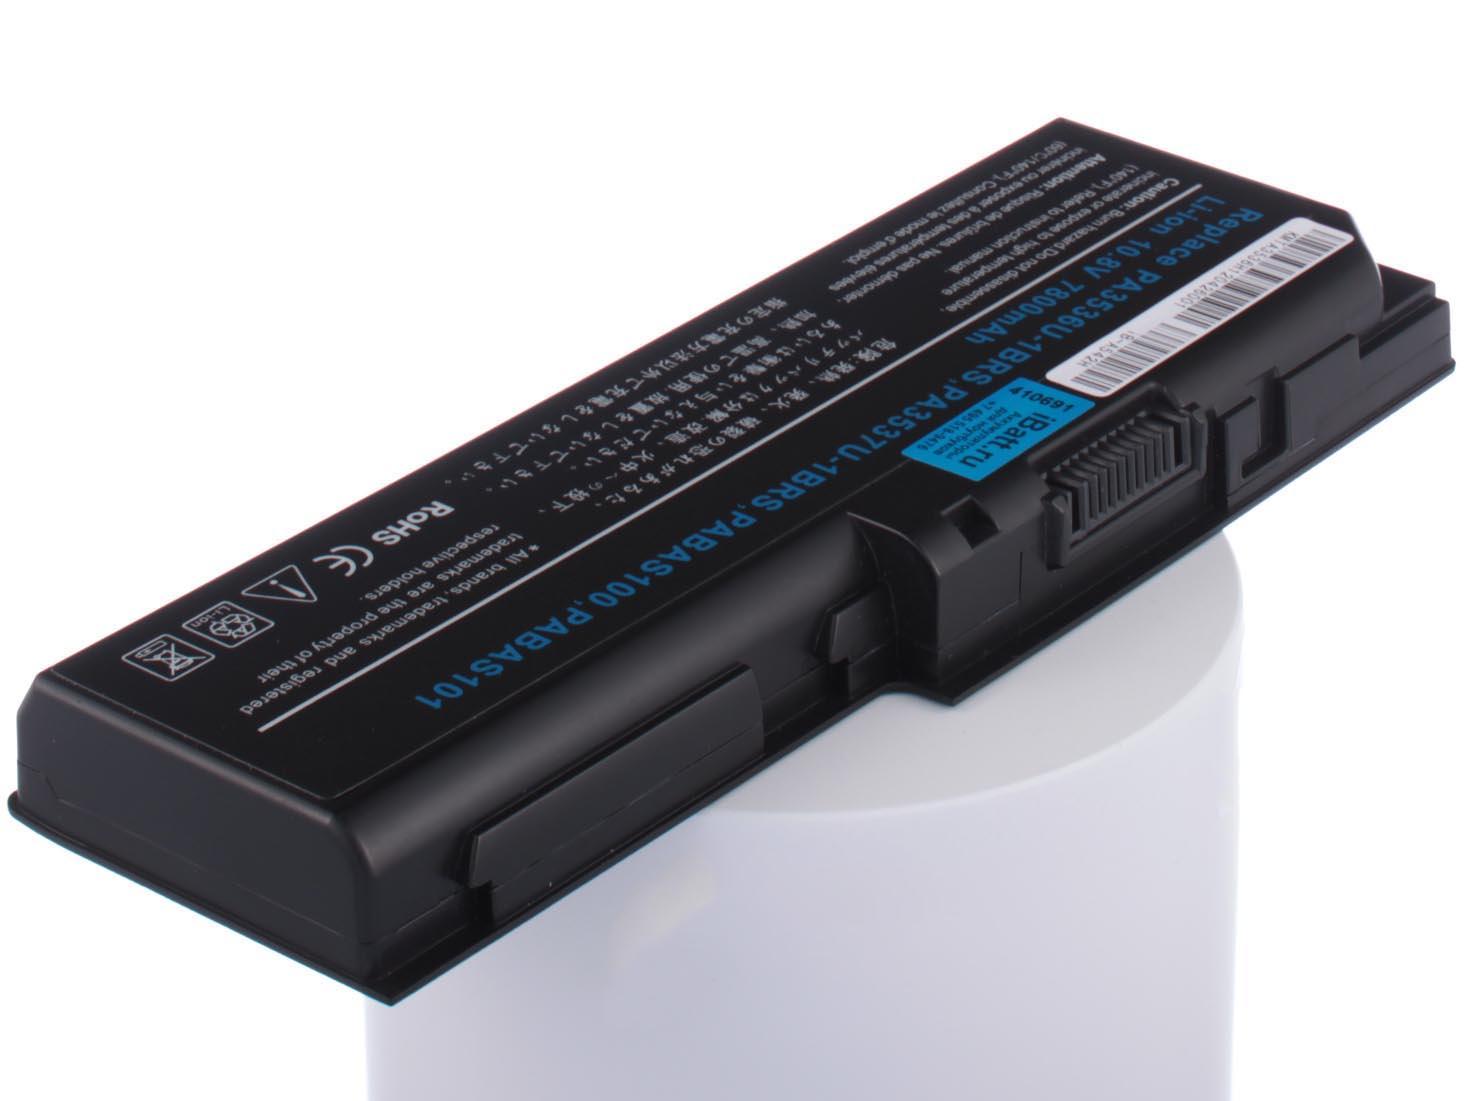 Аккумулятор для ноутбука iBatt для ToshiBa Satellite X200-251, Satellite L350-170, Satellite L350D-12Q, Satellite P200-10C, Satellite P205D-S7438, Satellite Pro P300, Satellite X200-21T, Equium P300, Satellite P200-18Y подвес diffusor p200 8